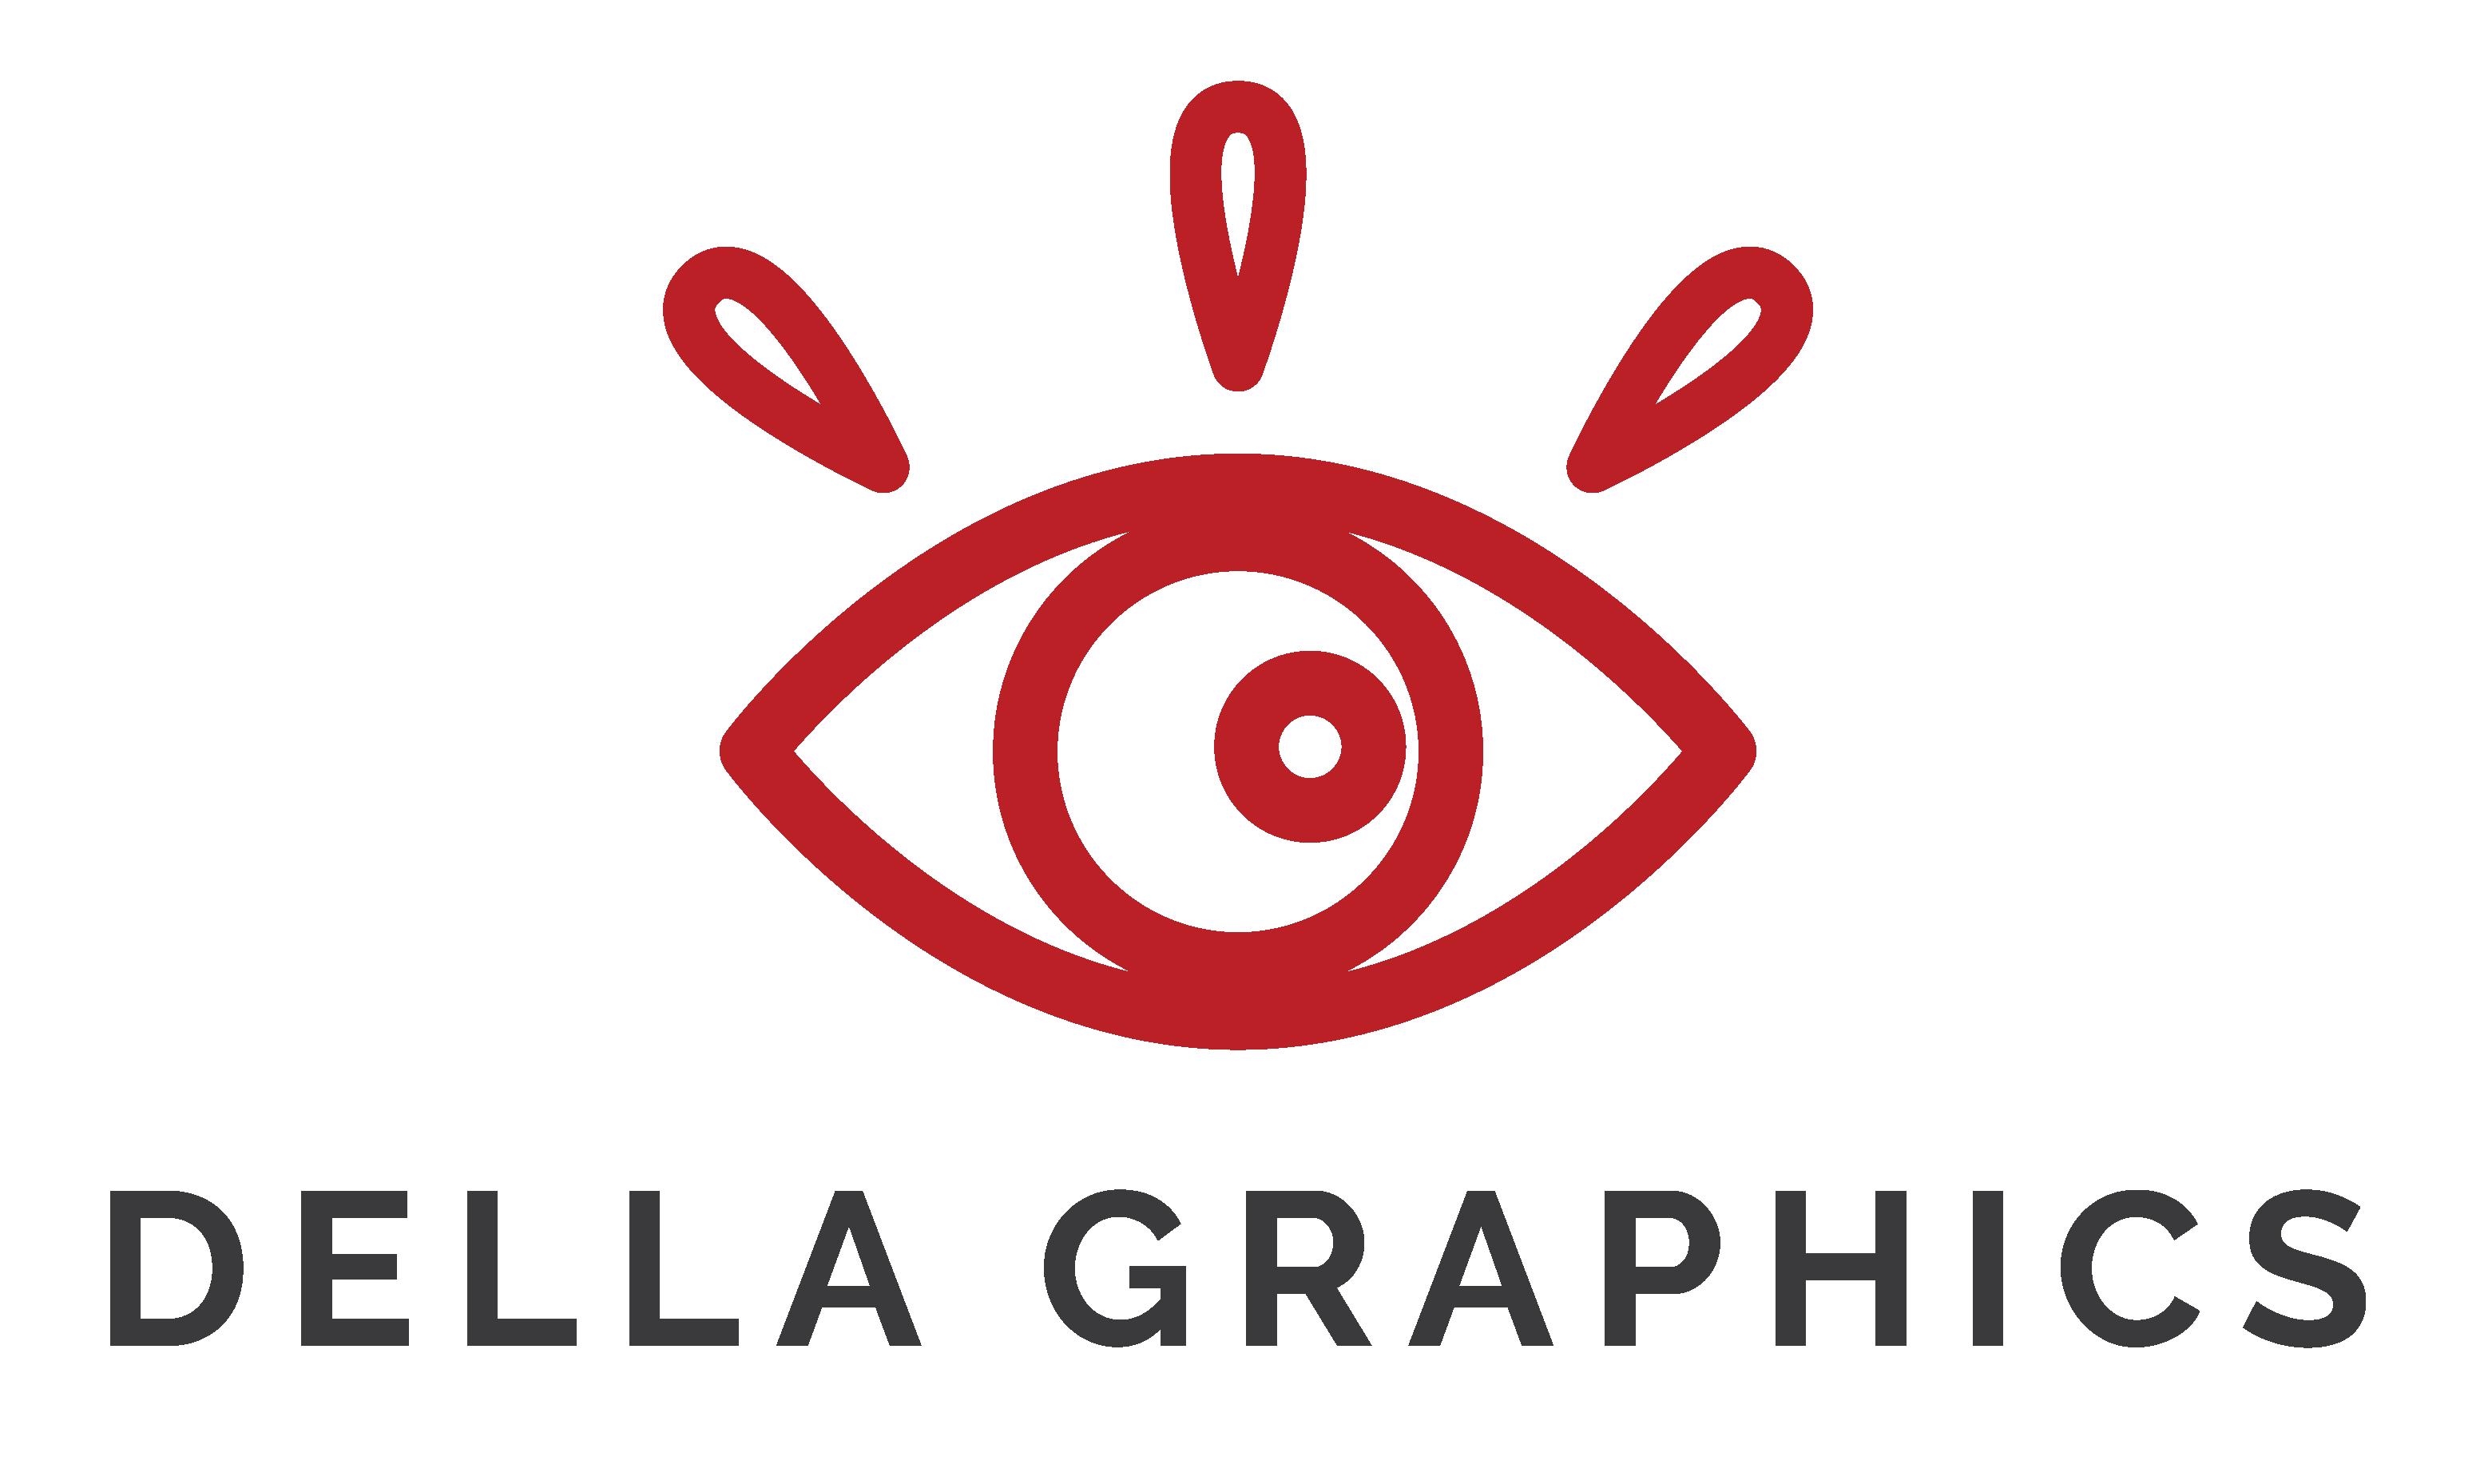 Della Graphics